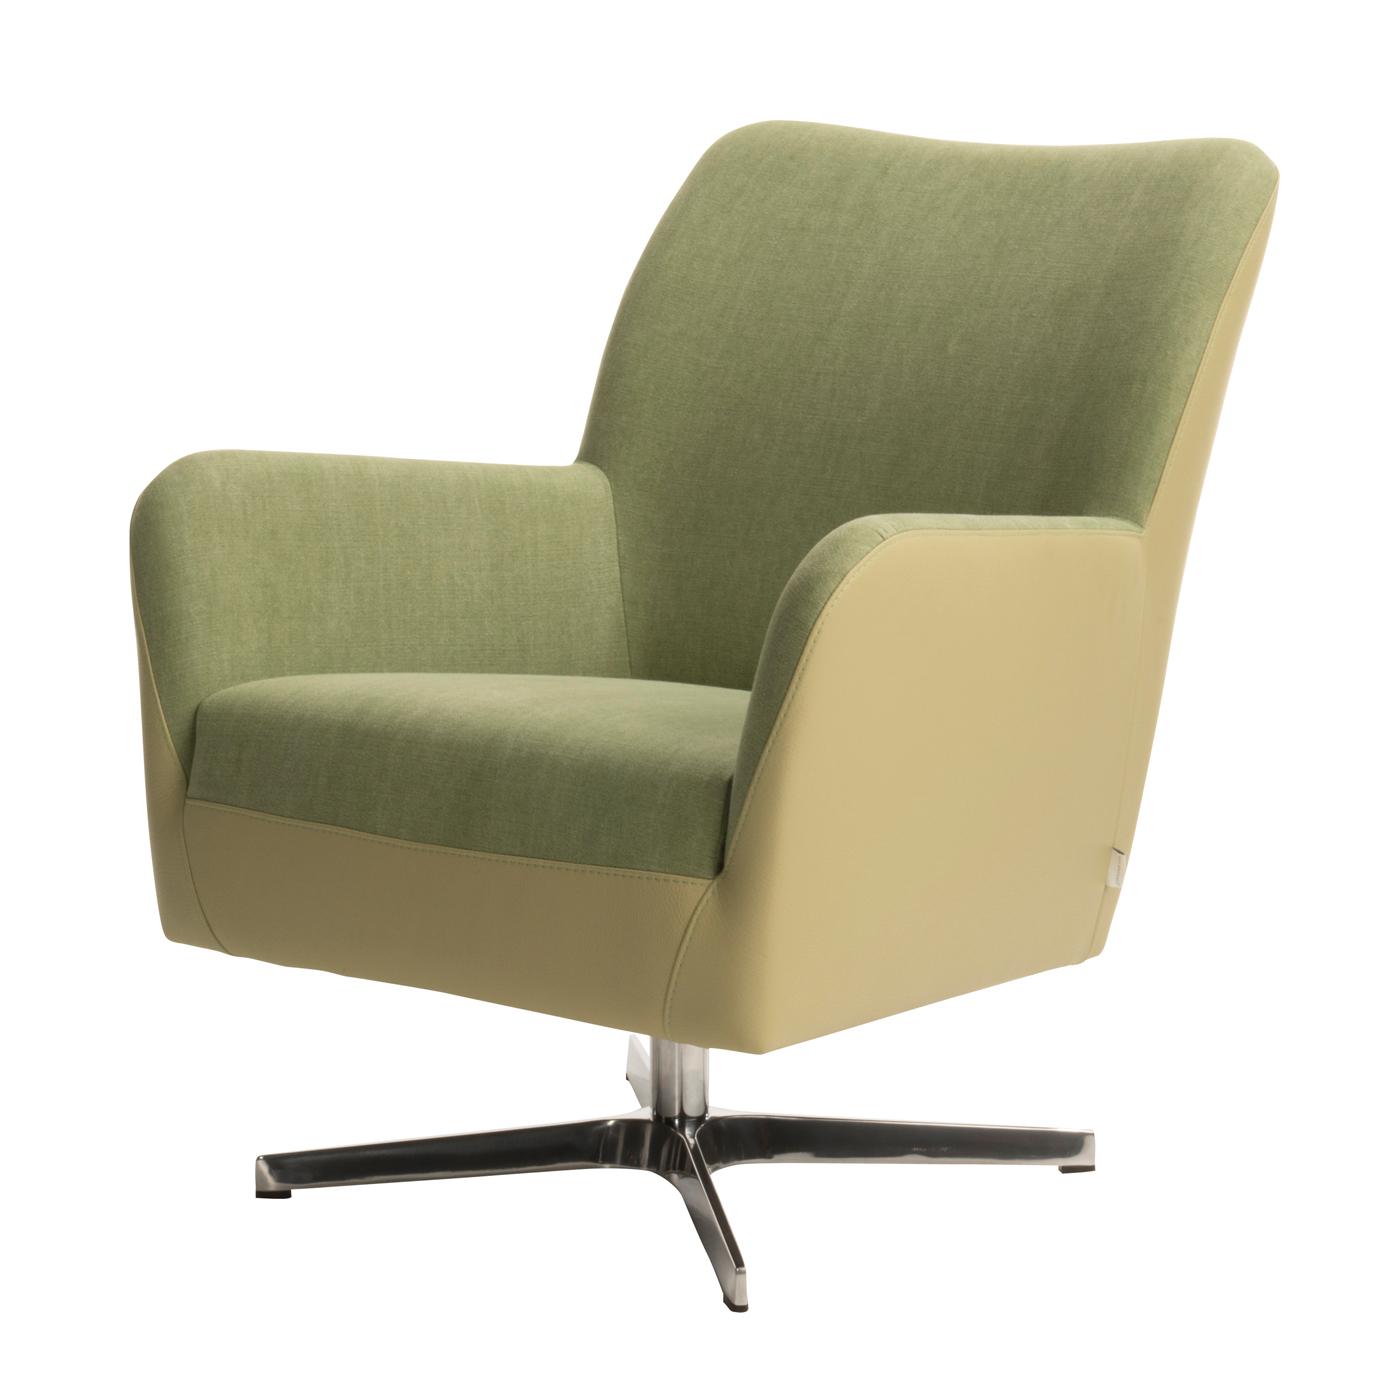 Bolero fauteuil Bert Plantagie